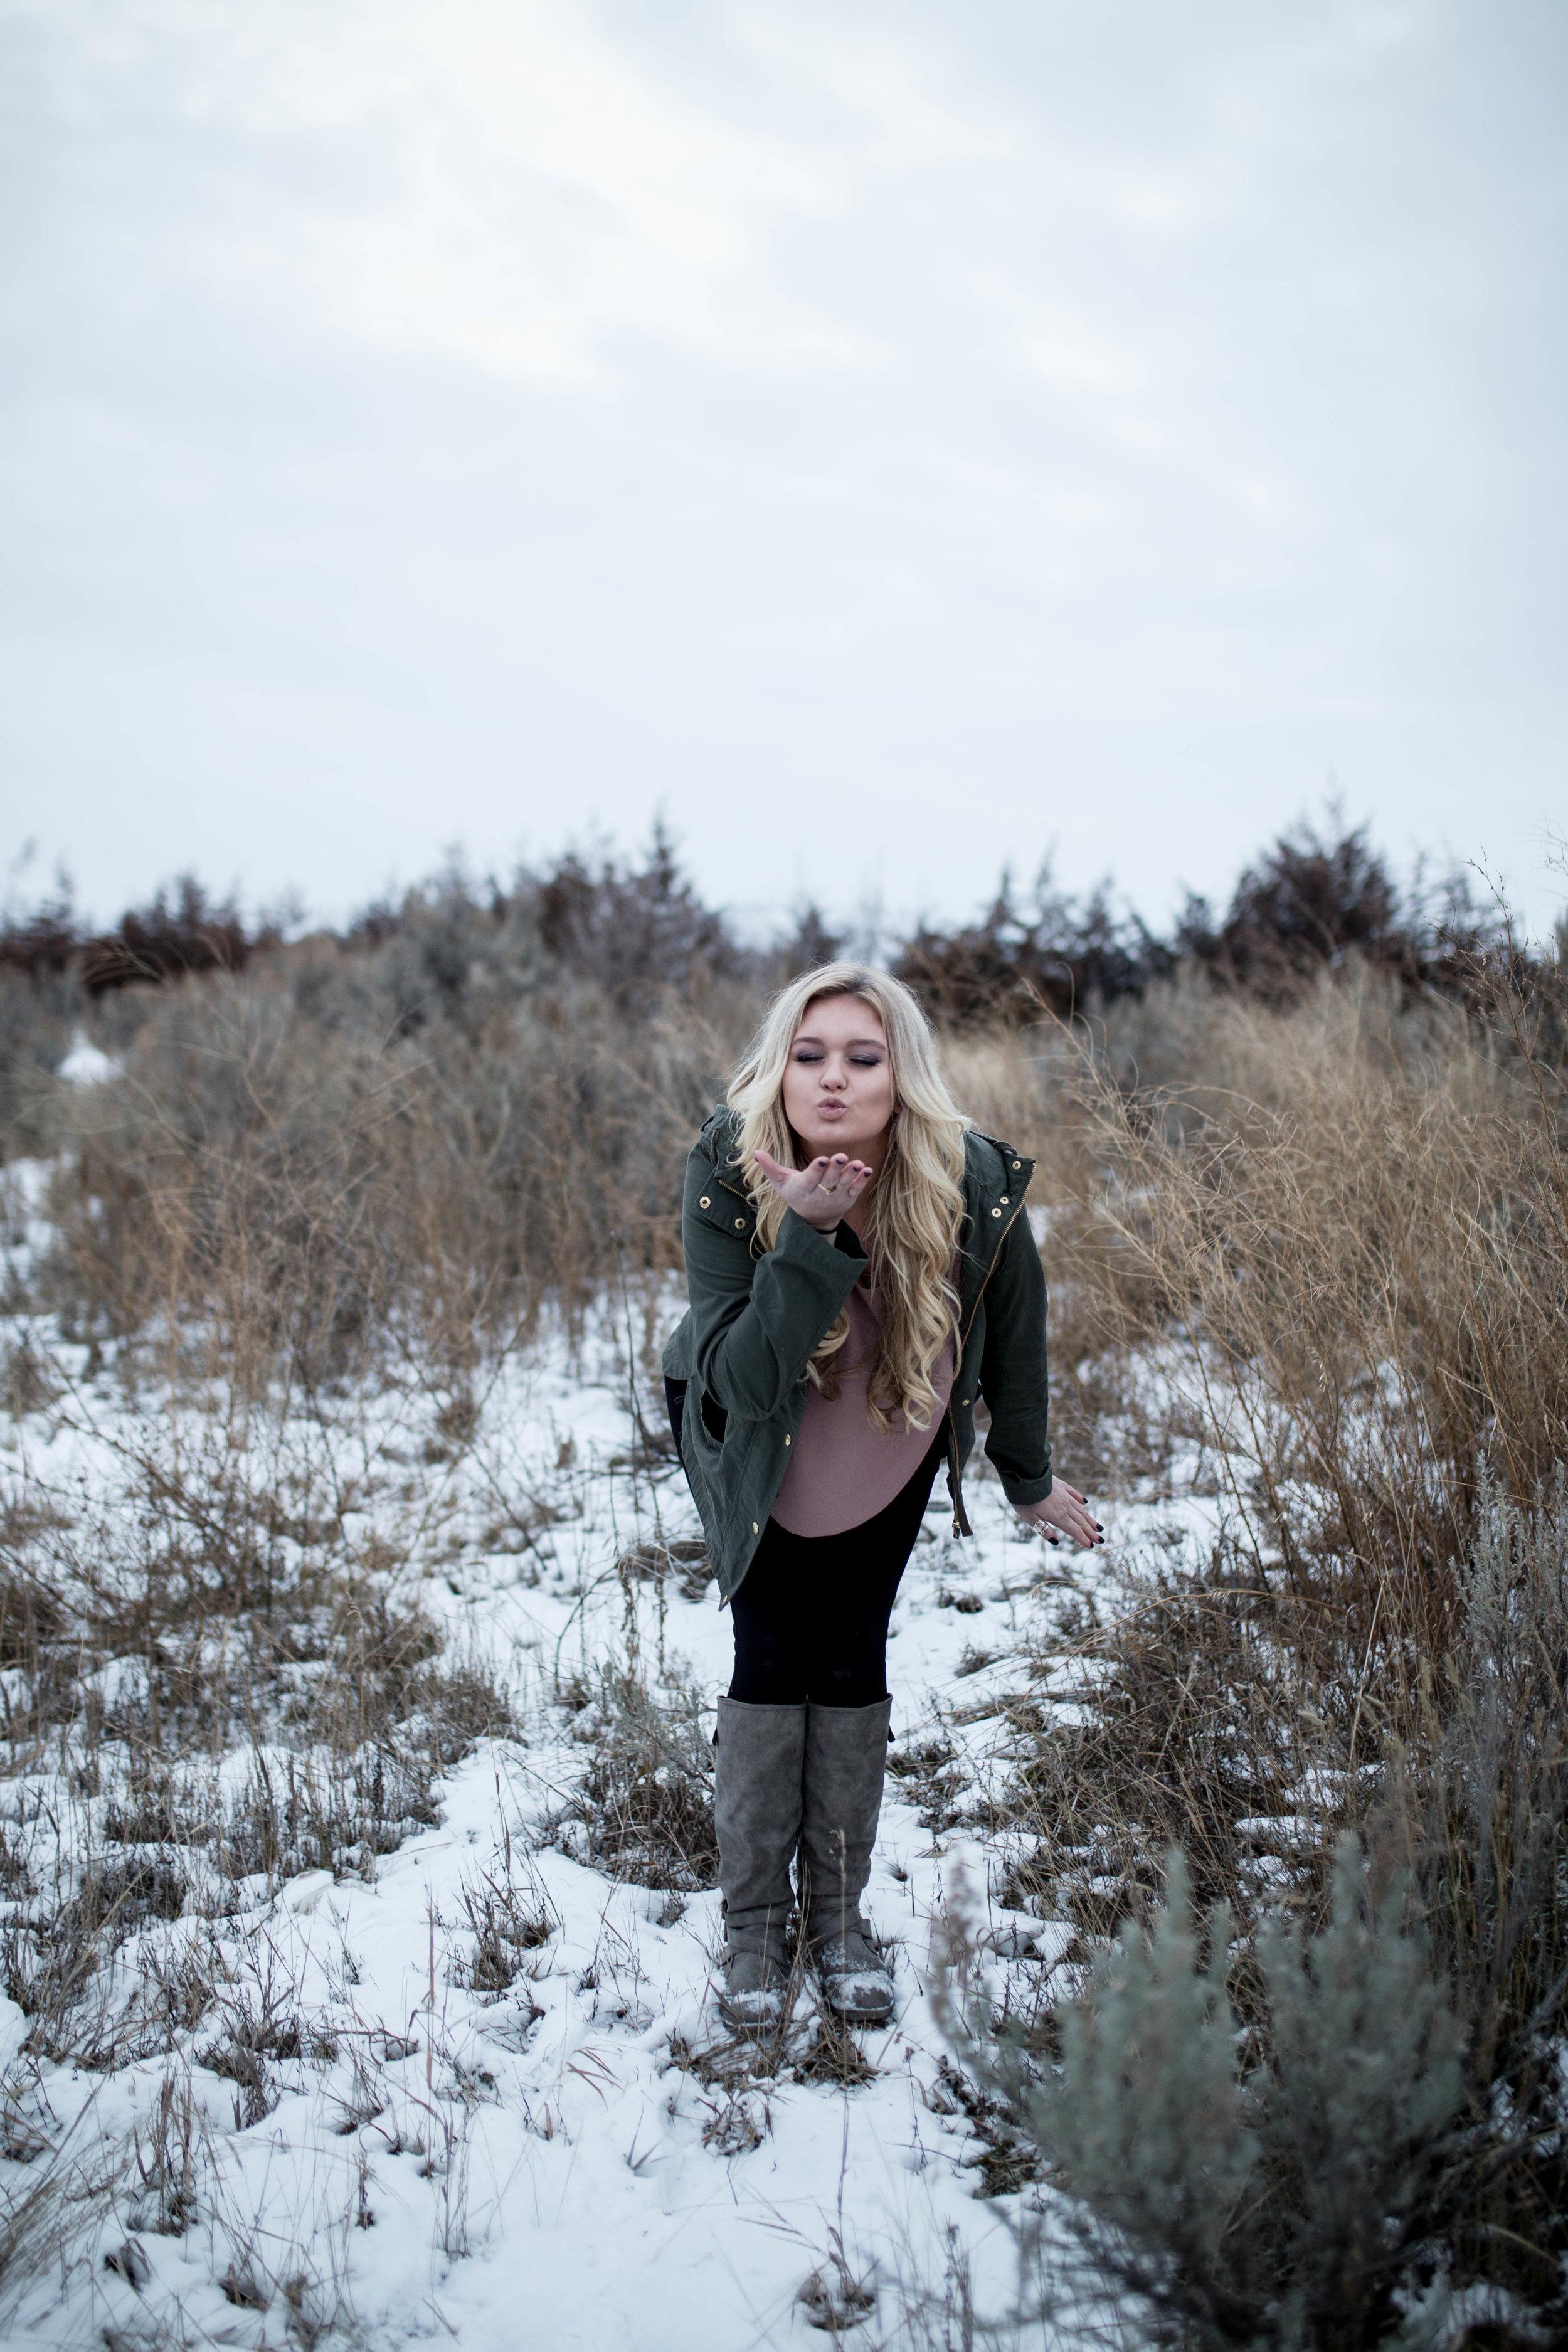 WinterRoommatePhotos (65 of 88).jpg